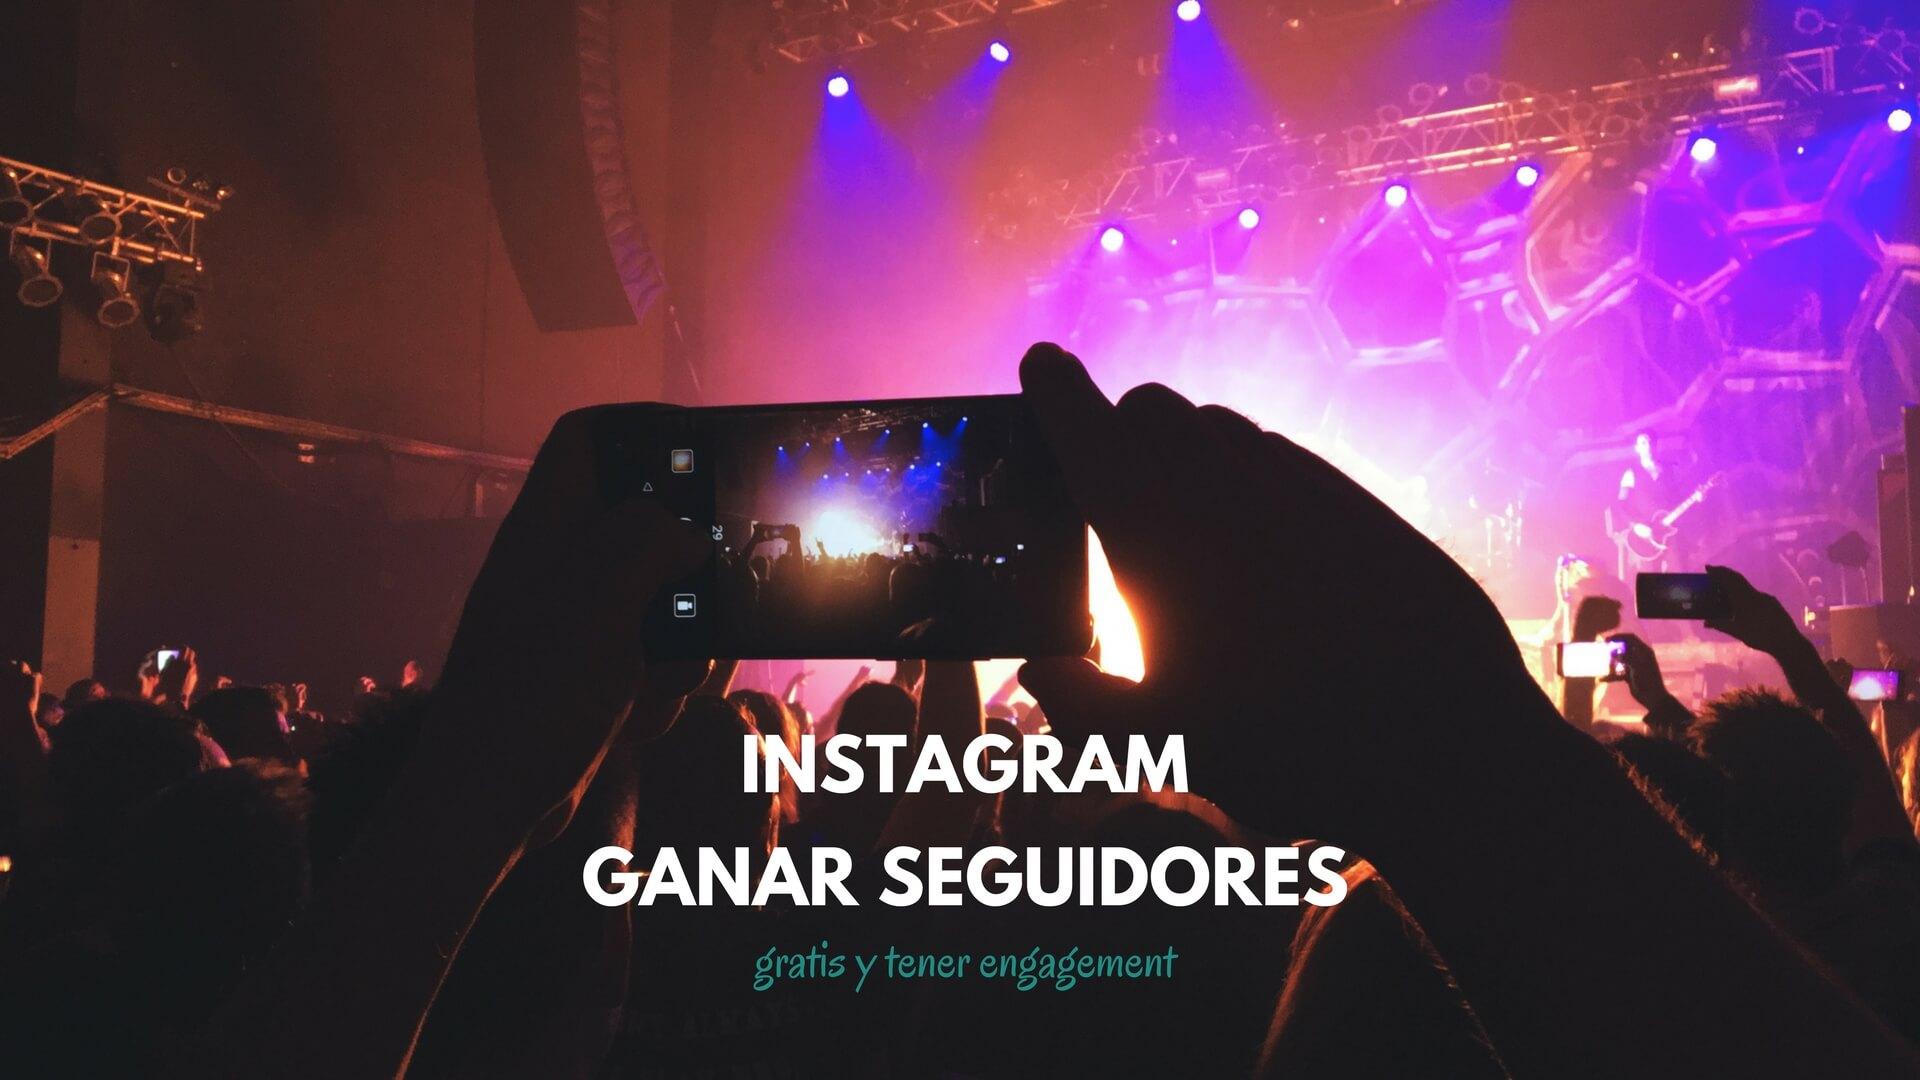 Cómo ganar seguidores en Instagram gratis y mejorar tu engagement